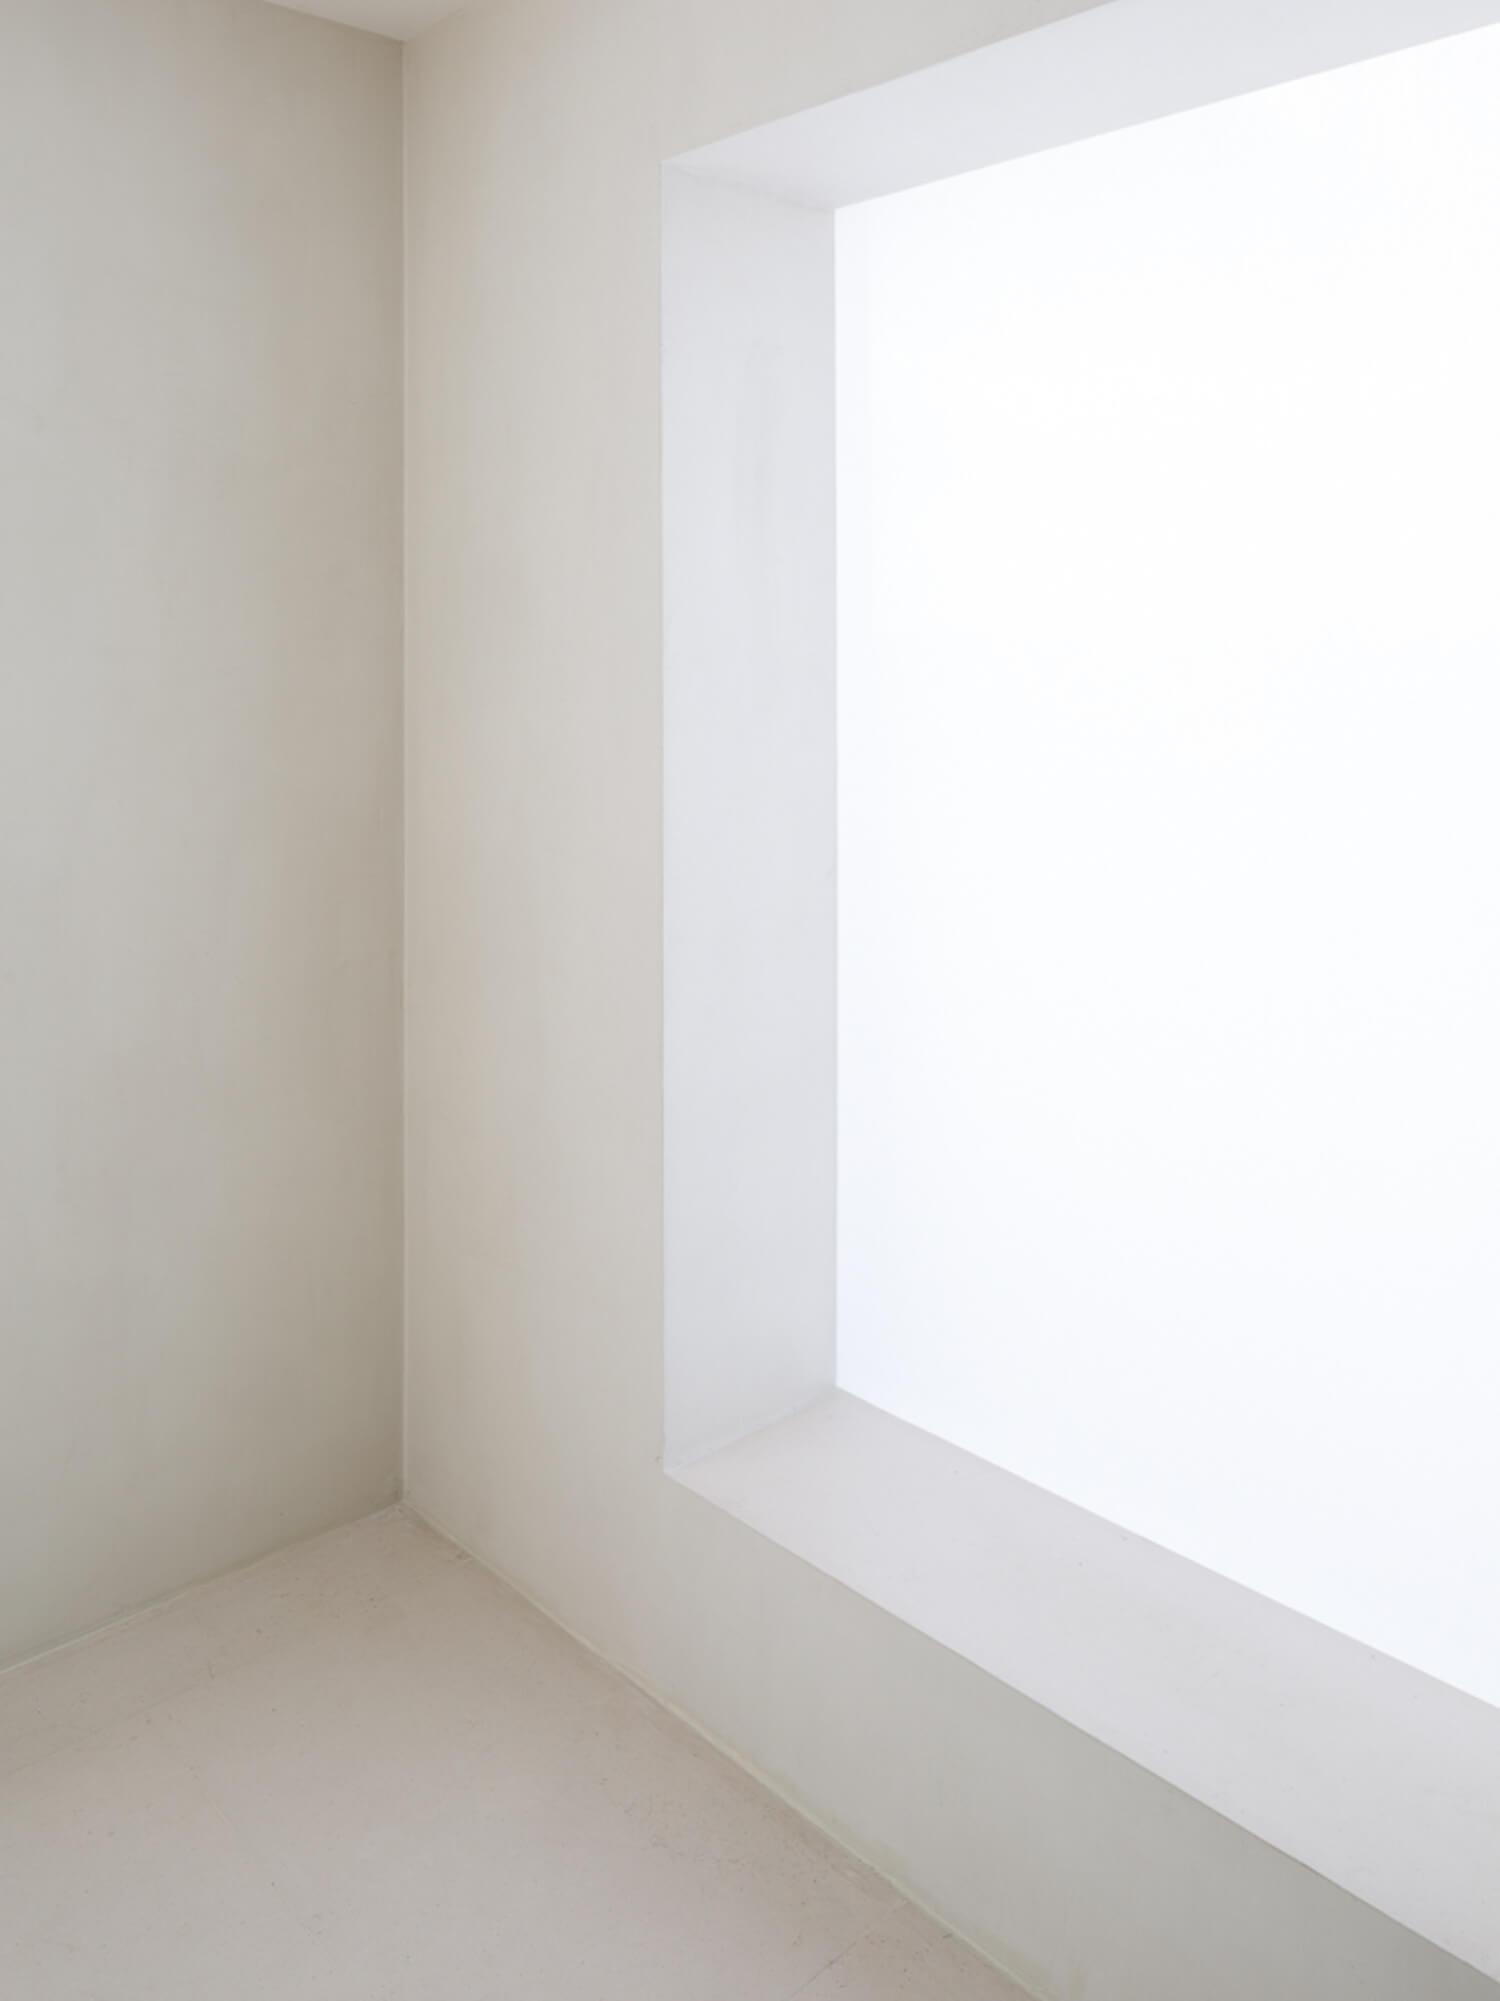 est living hans verstuyft britselei penthouse 9